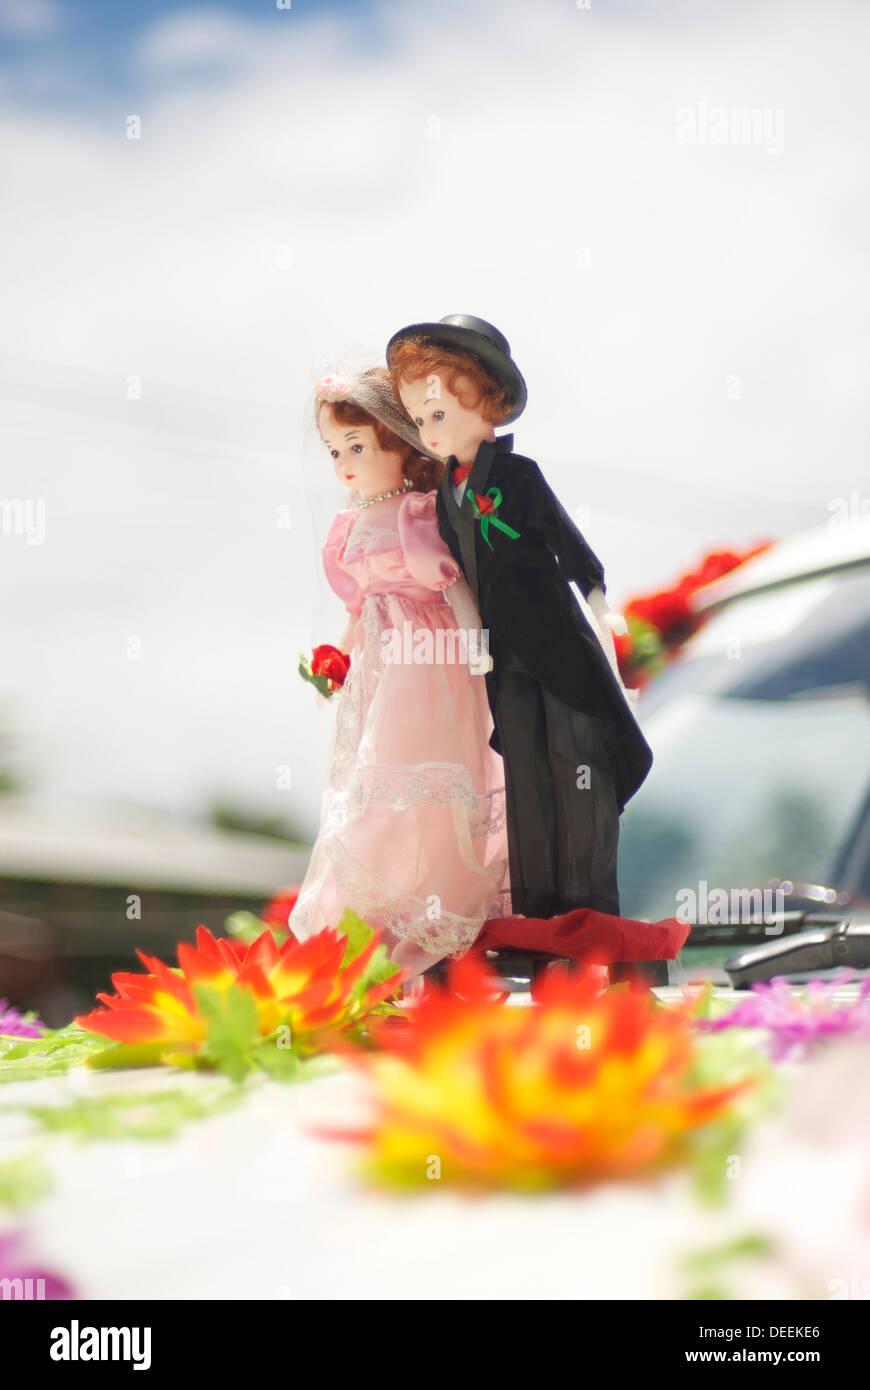 Miniatura smart giovane basato sulla vettura anteriore pronto per il matrimonio con fiori sui loro piedi Immagini Stock